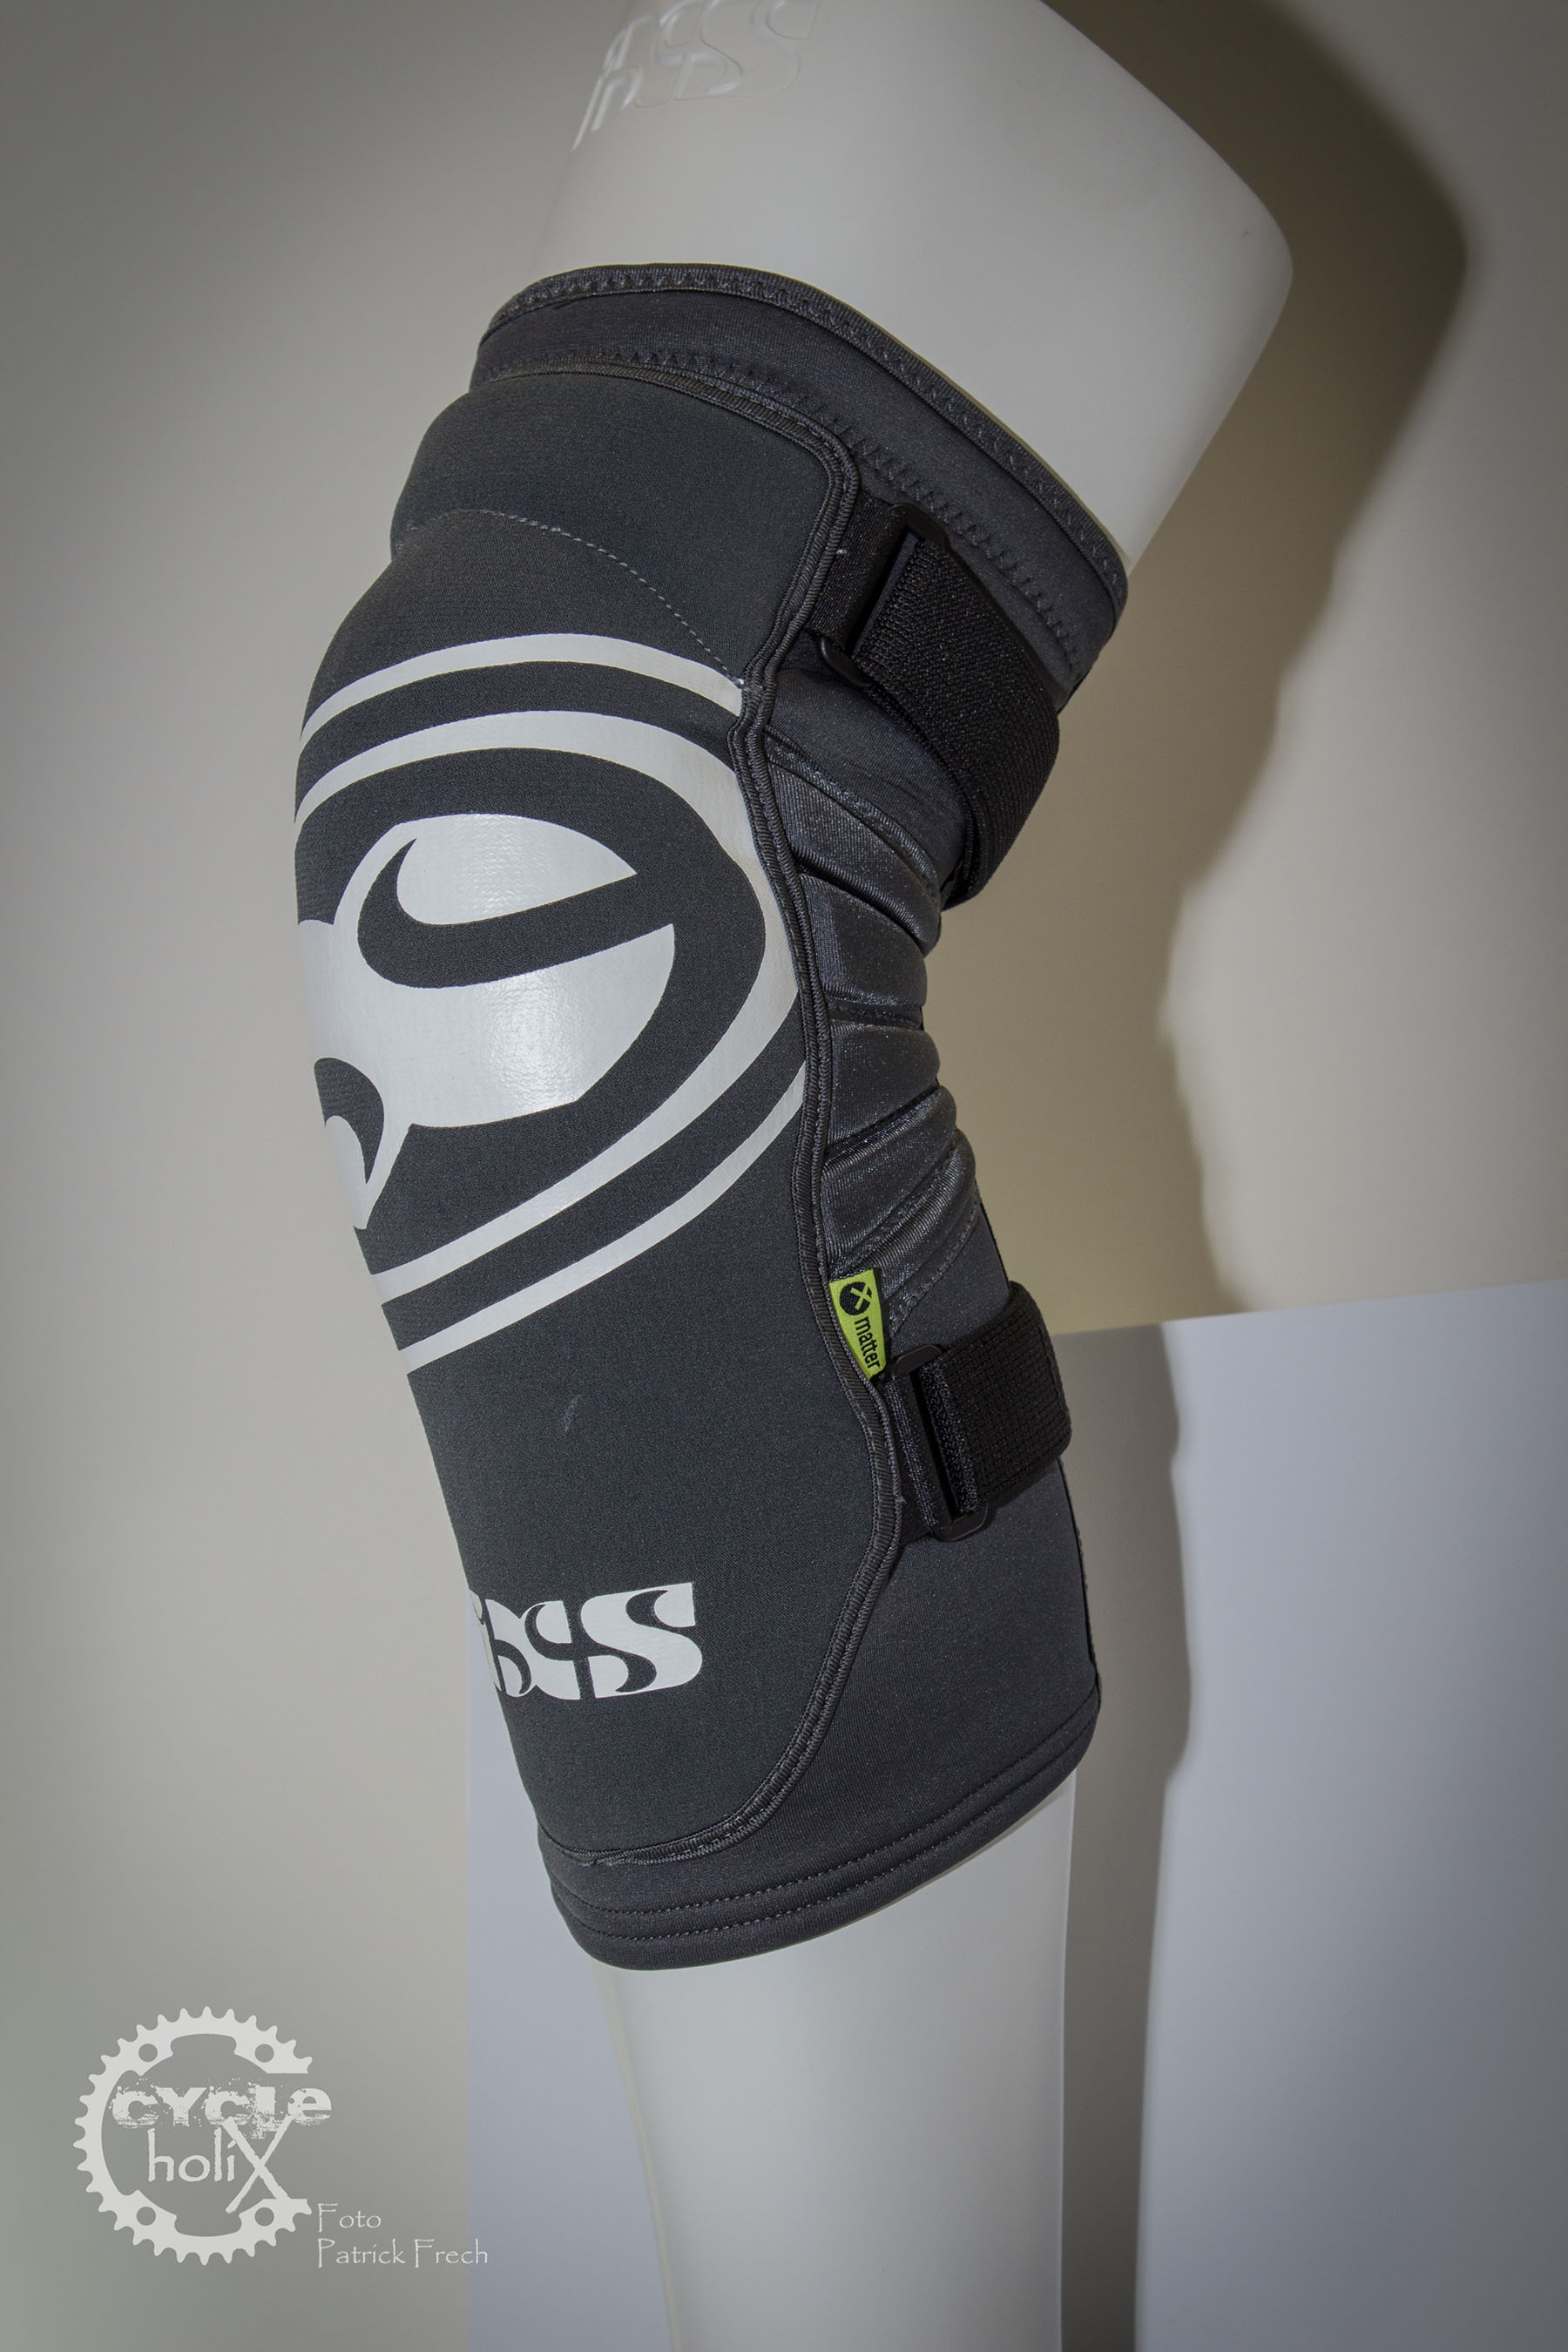 Und die Variante für die Knie. Beide kommen mit der X-Matter Protektorentechnologie